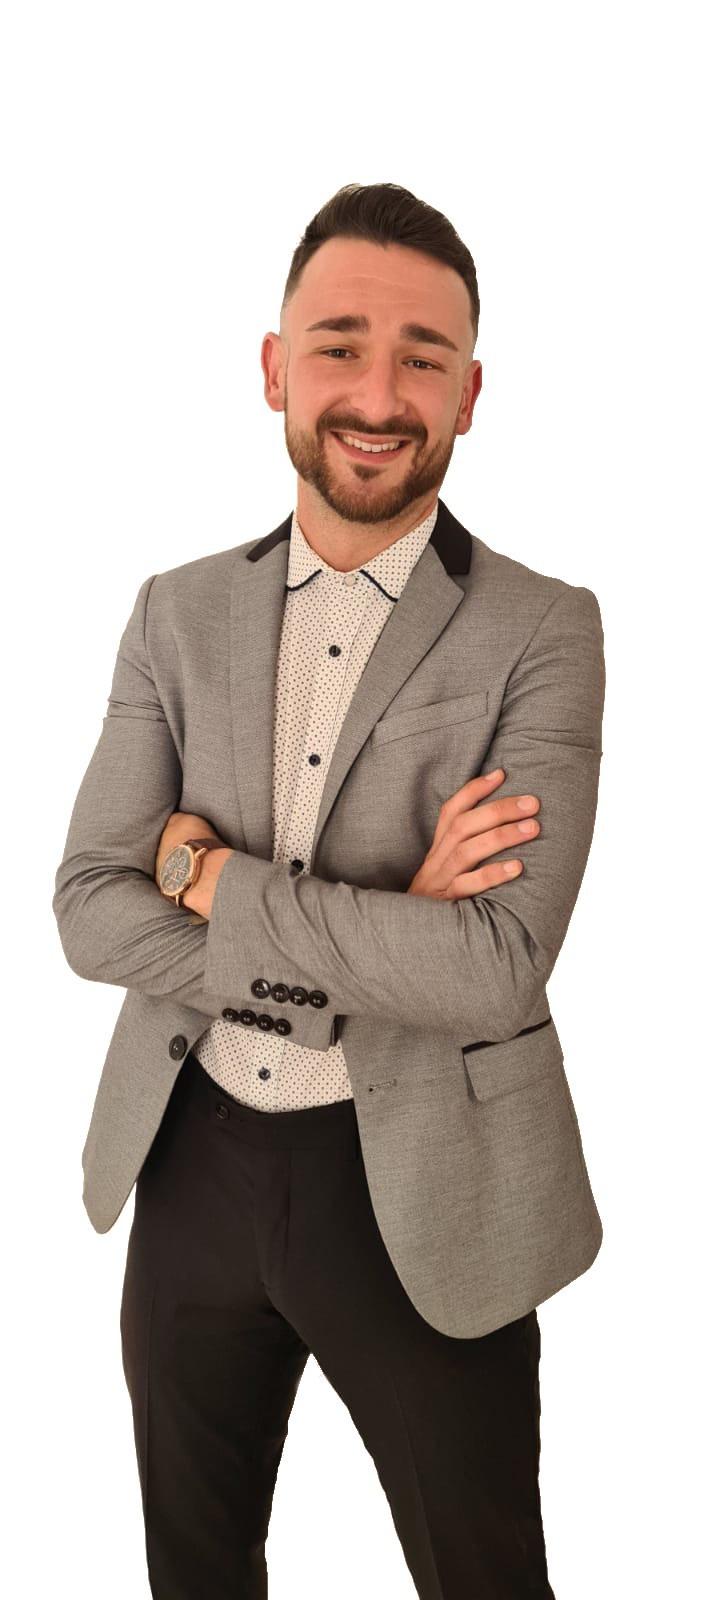 Claudio Ojeda Rosales